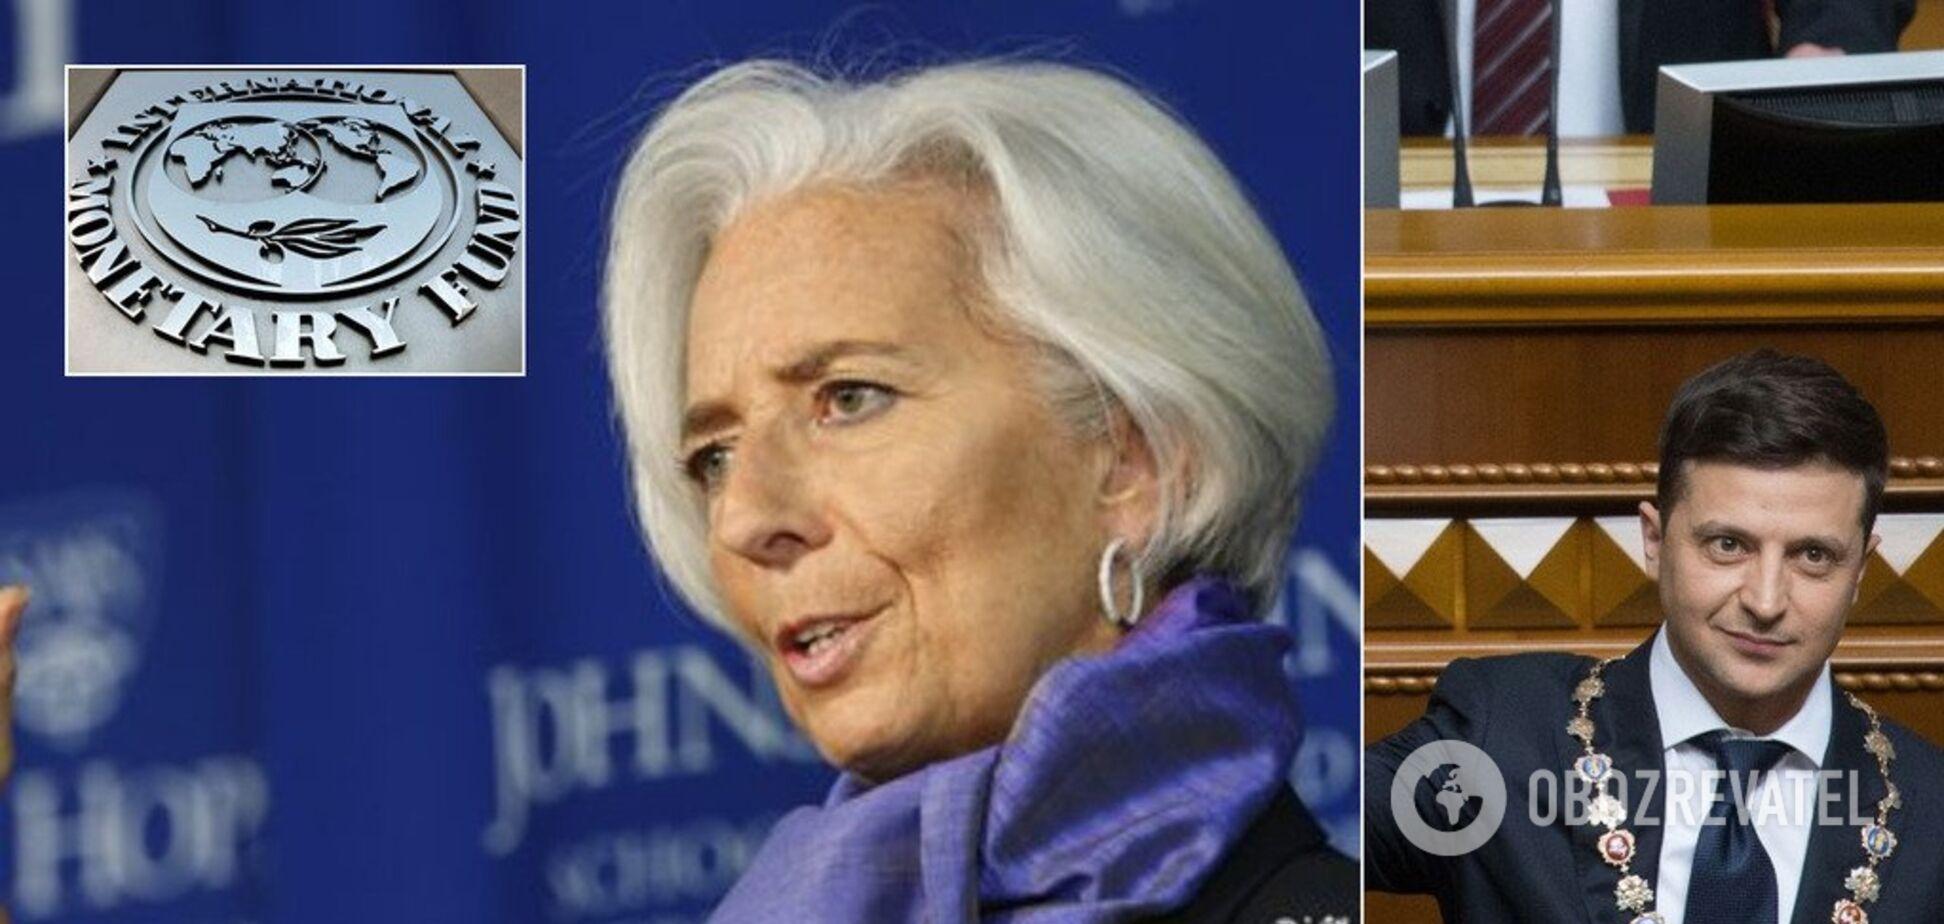 МВФ в Украине: появились противоречивые факты о работе миссии